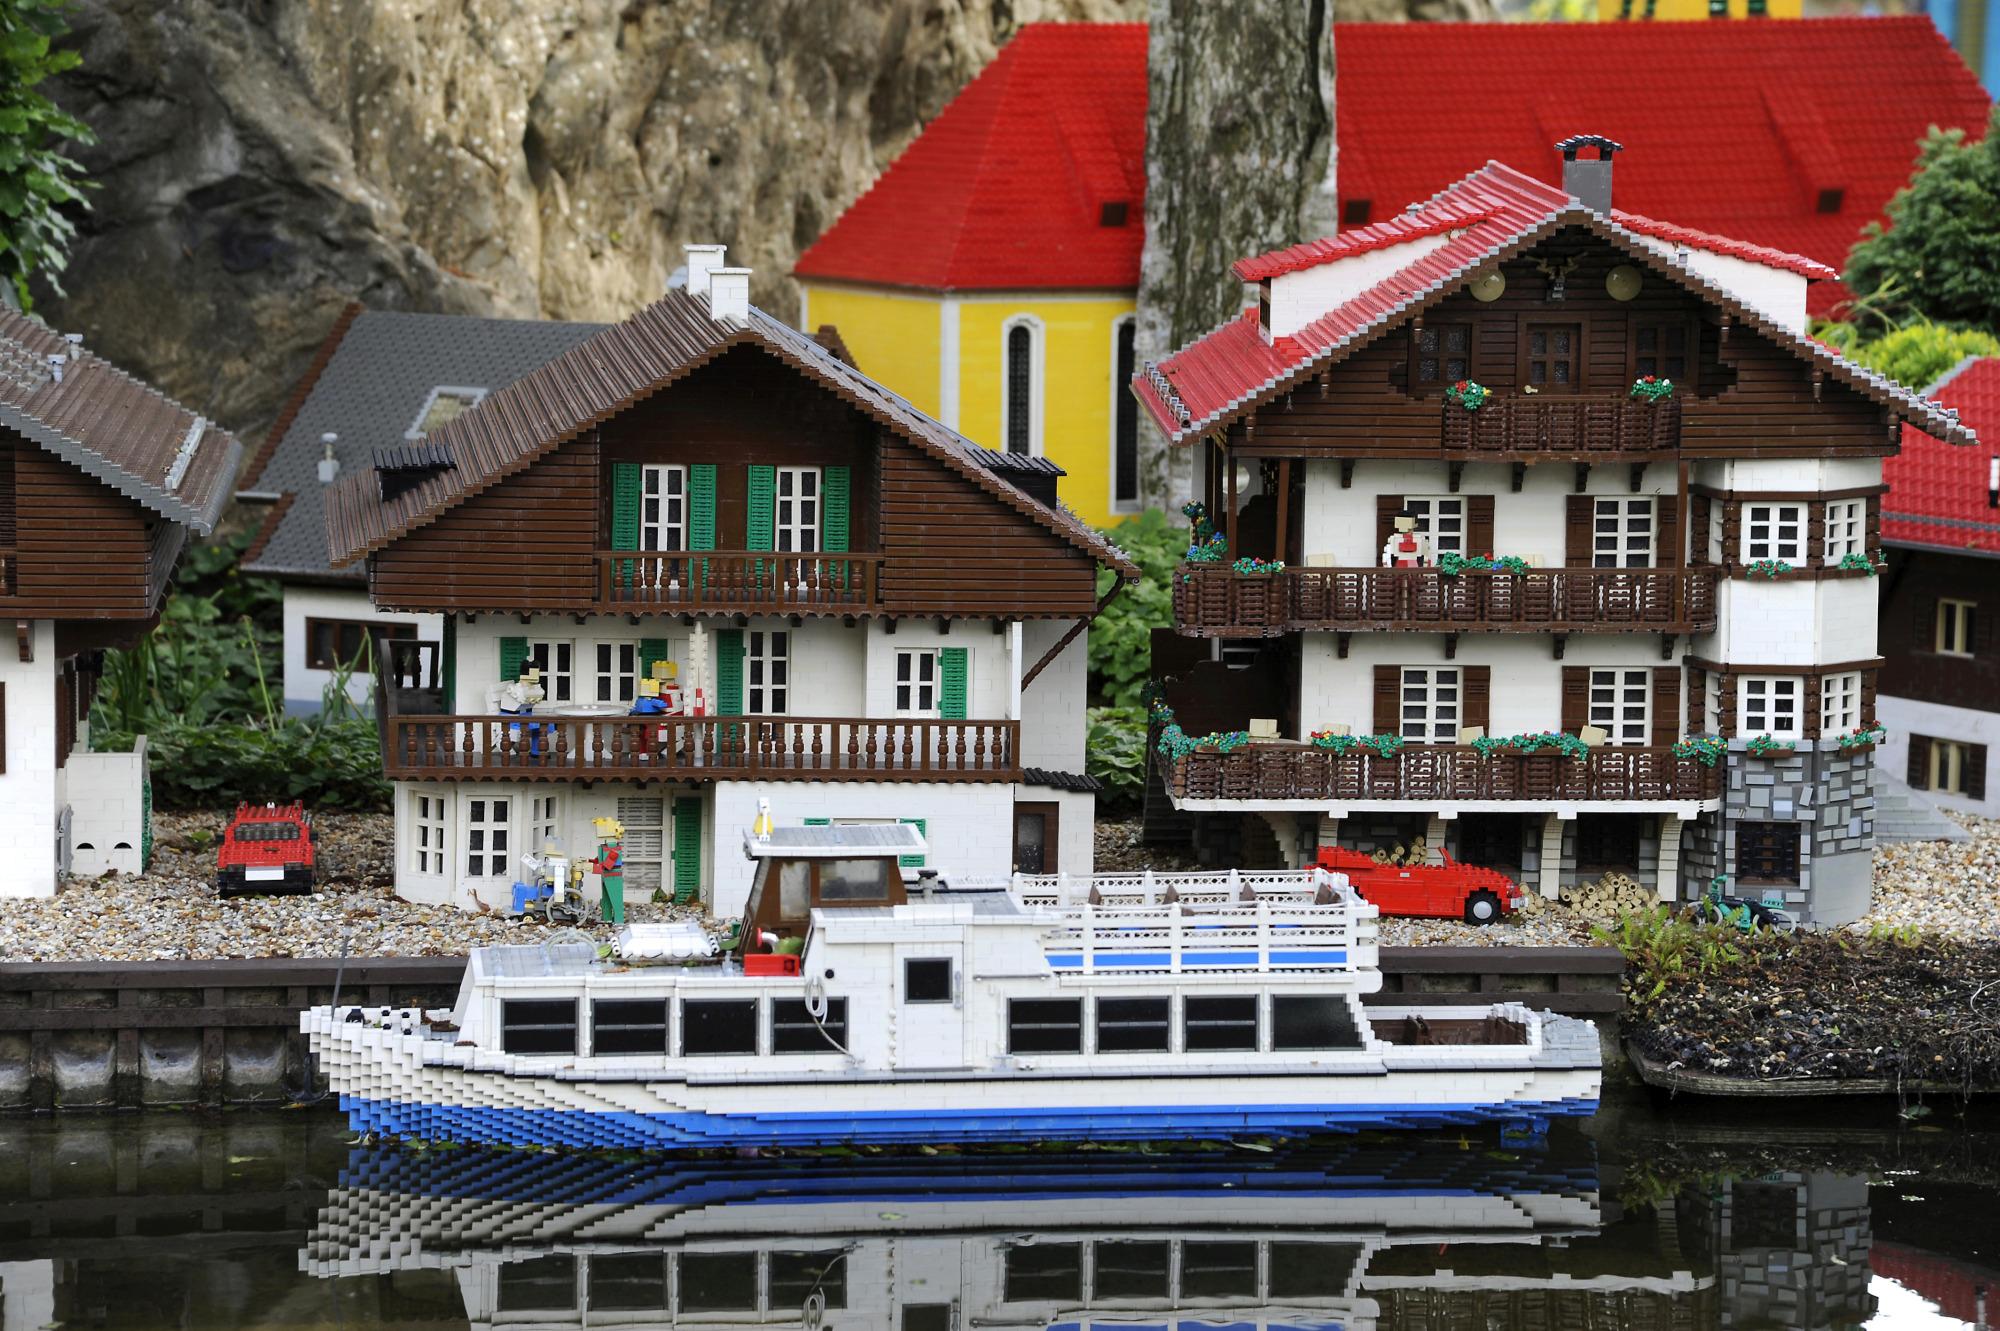 Legoland - Switzerland   Legoland   Pictures   Denmark in ...